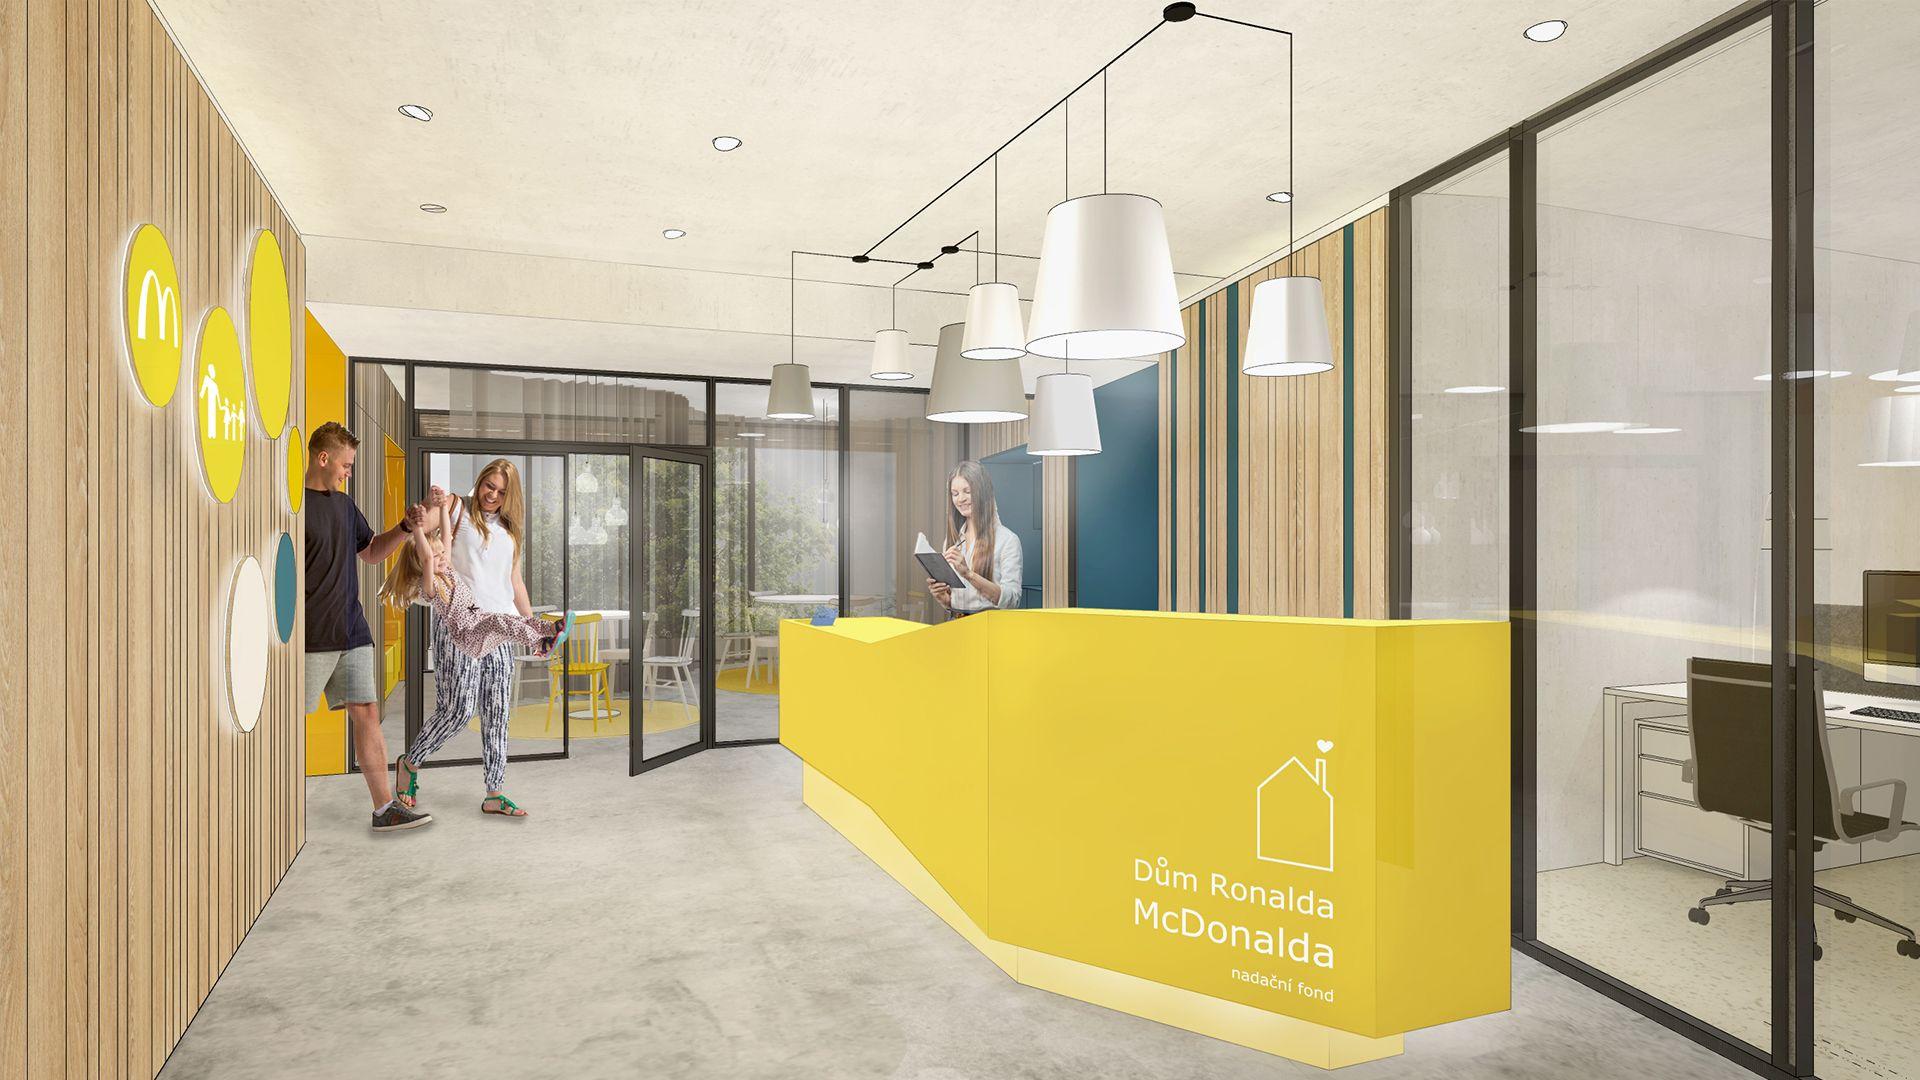 Dům Ronalda McDonalda | Nadační fond Dům Ronalda McDonalda